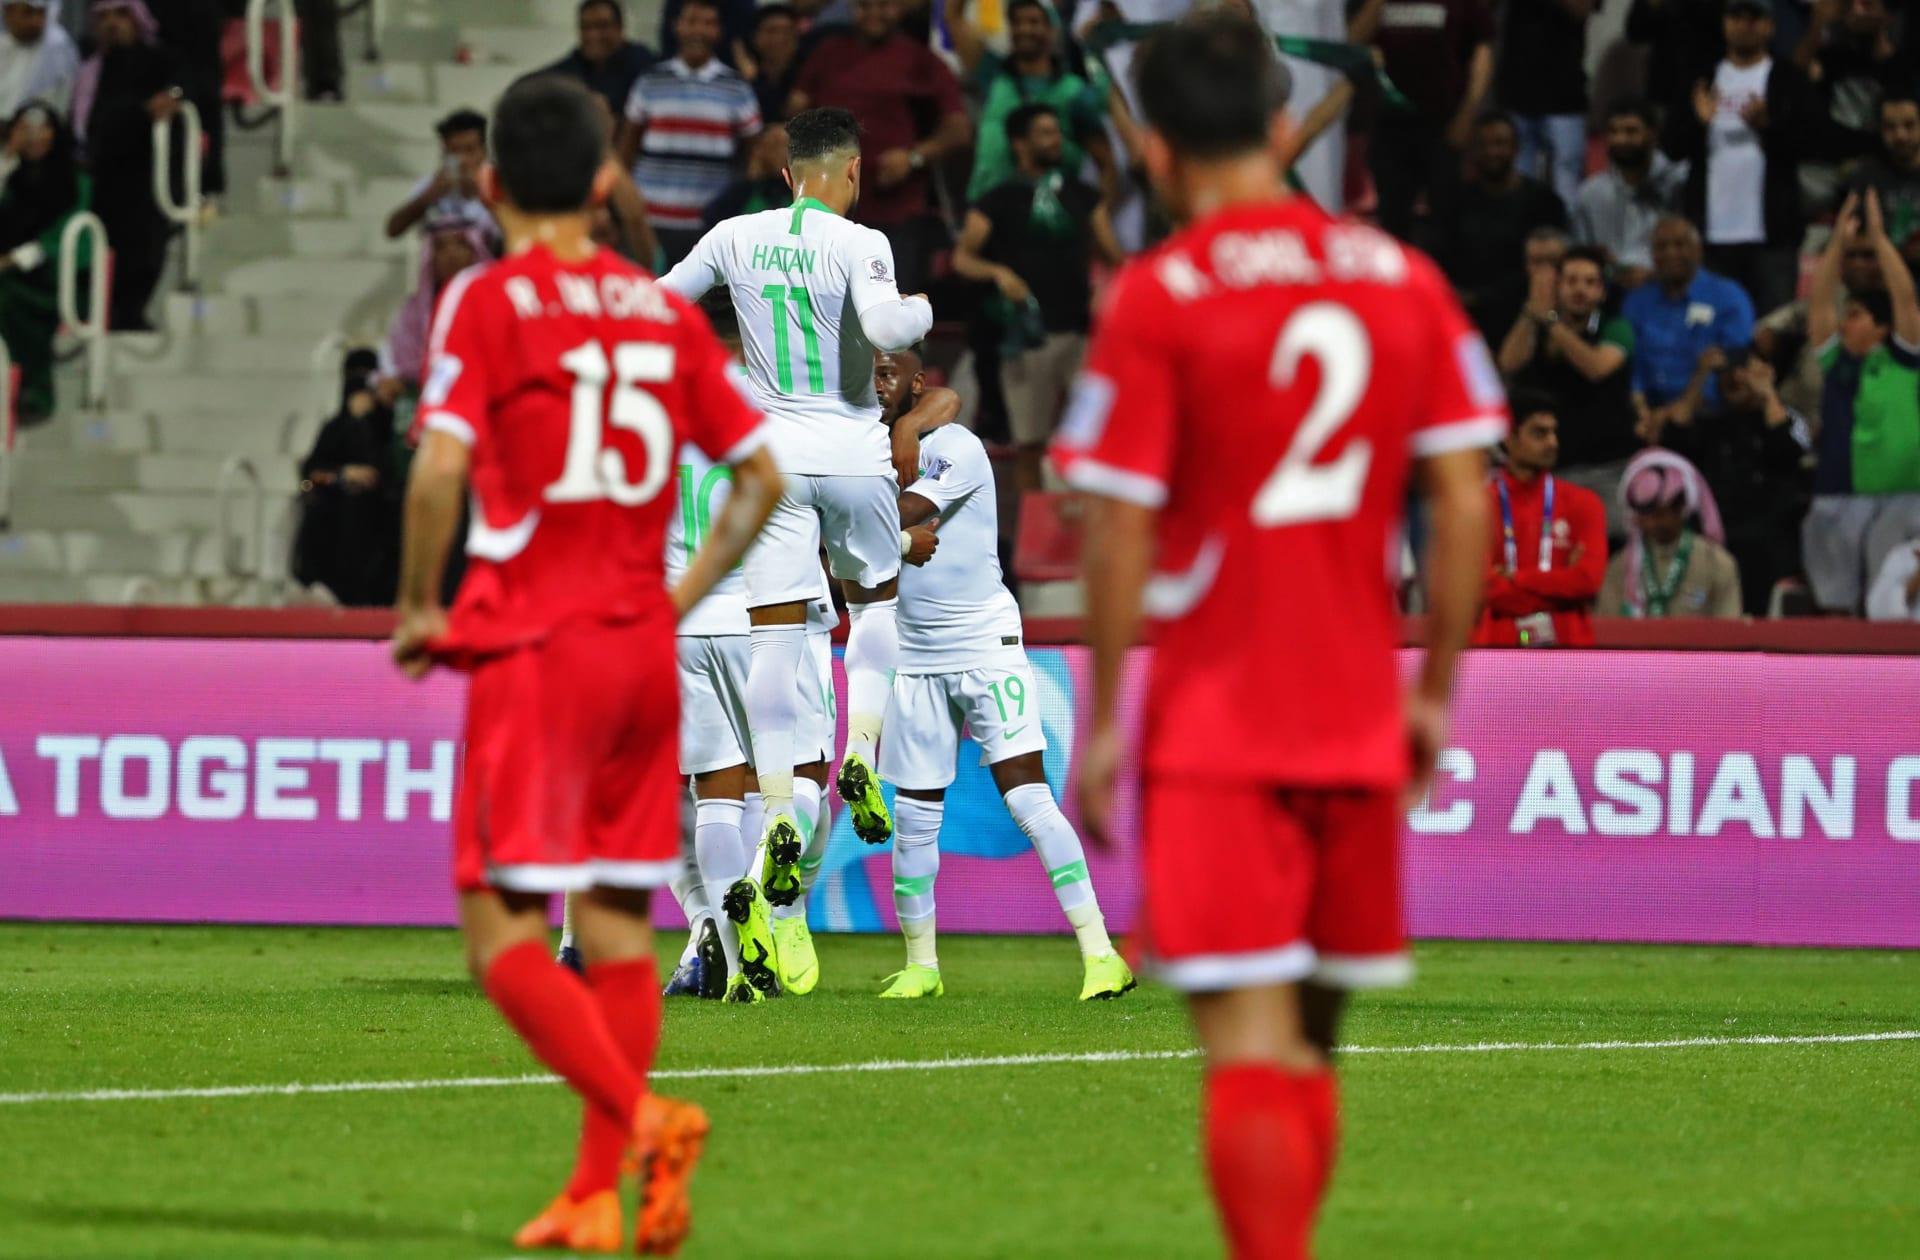 السعودية تسحق كوريا الشمالية بثلاثية وتتصدر قبل مباراة قطر ولبنان